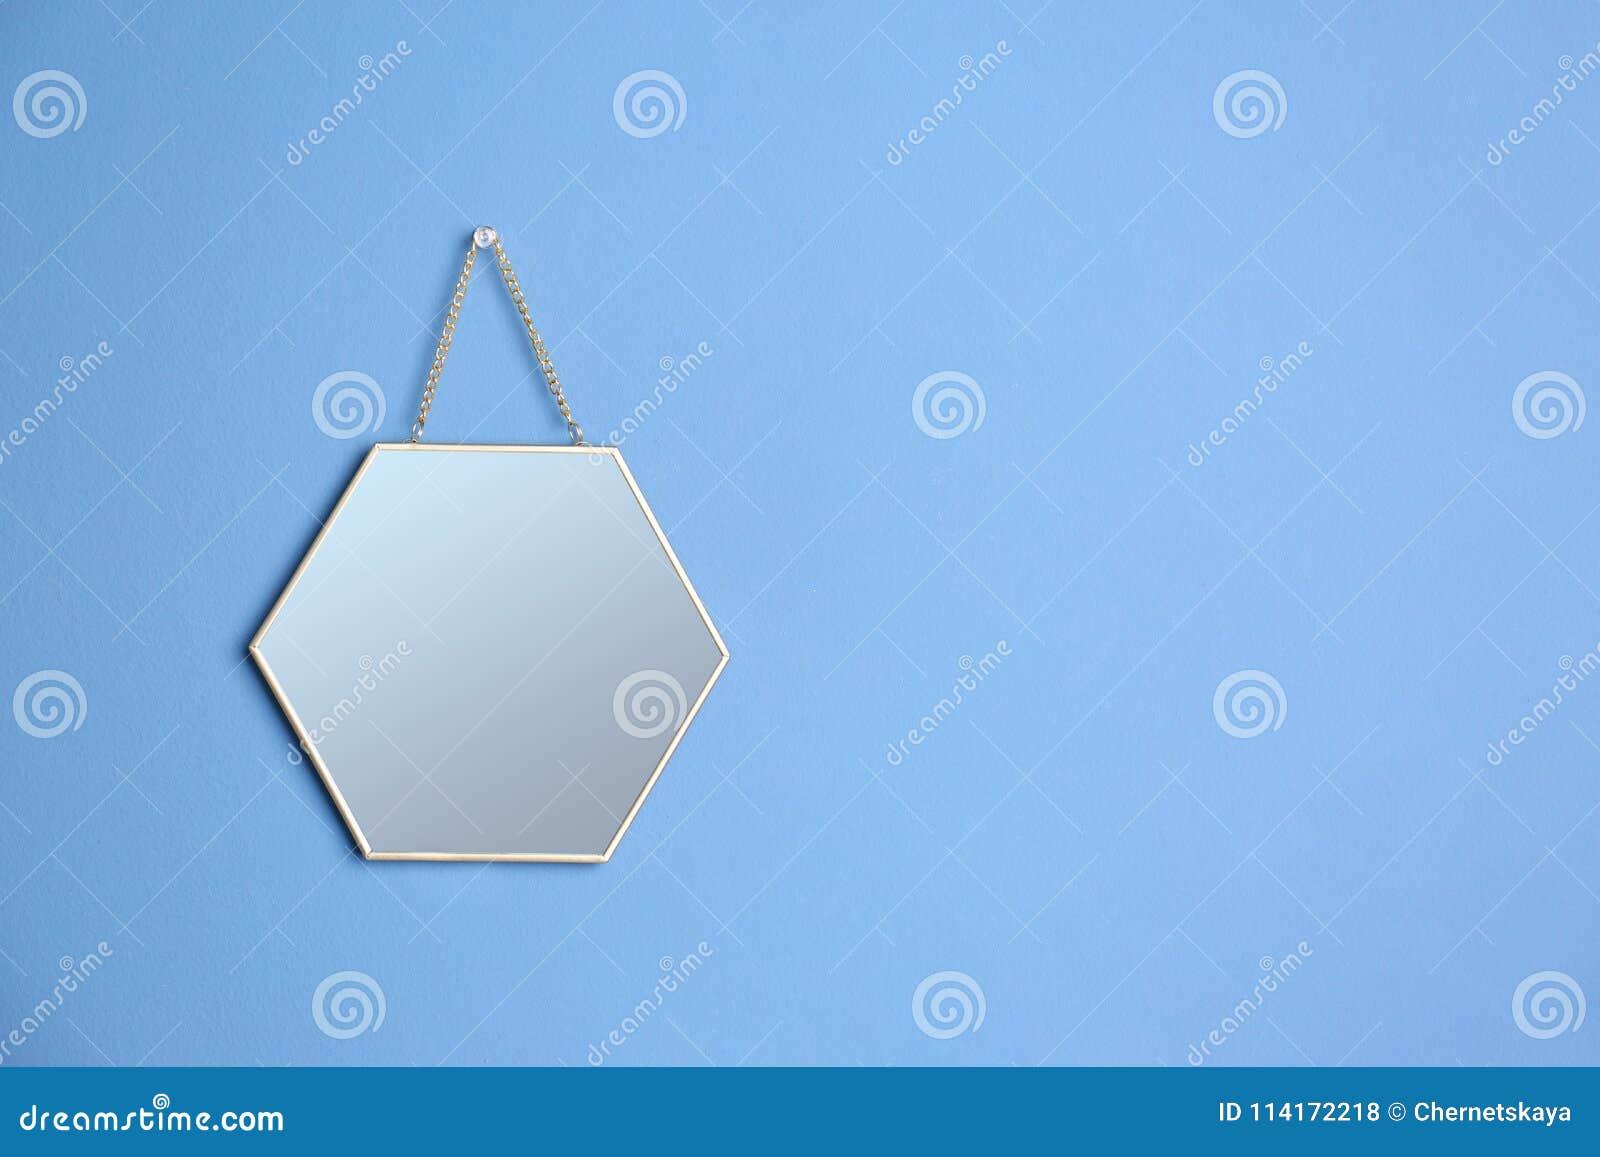 Ejecución del espejo en la pared